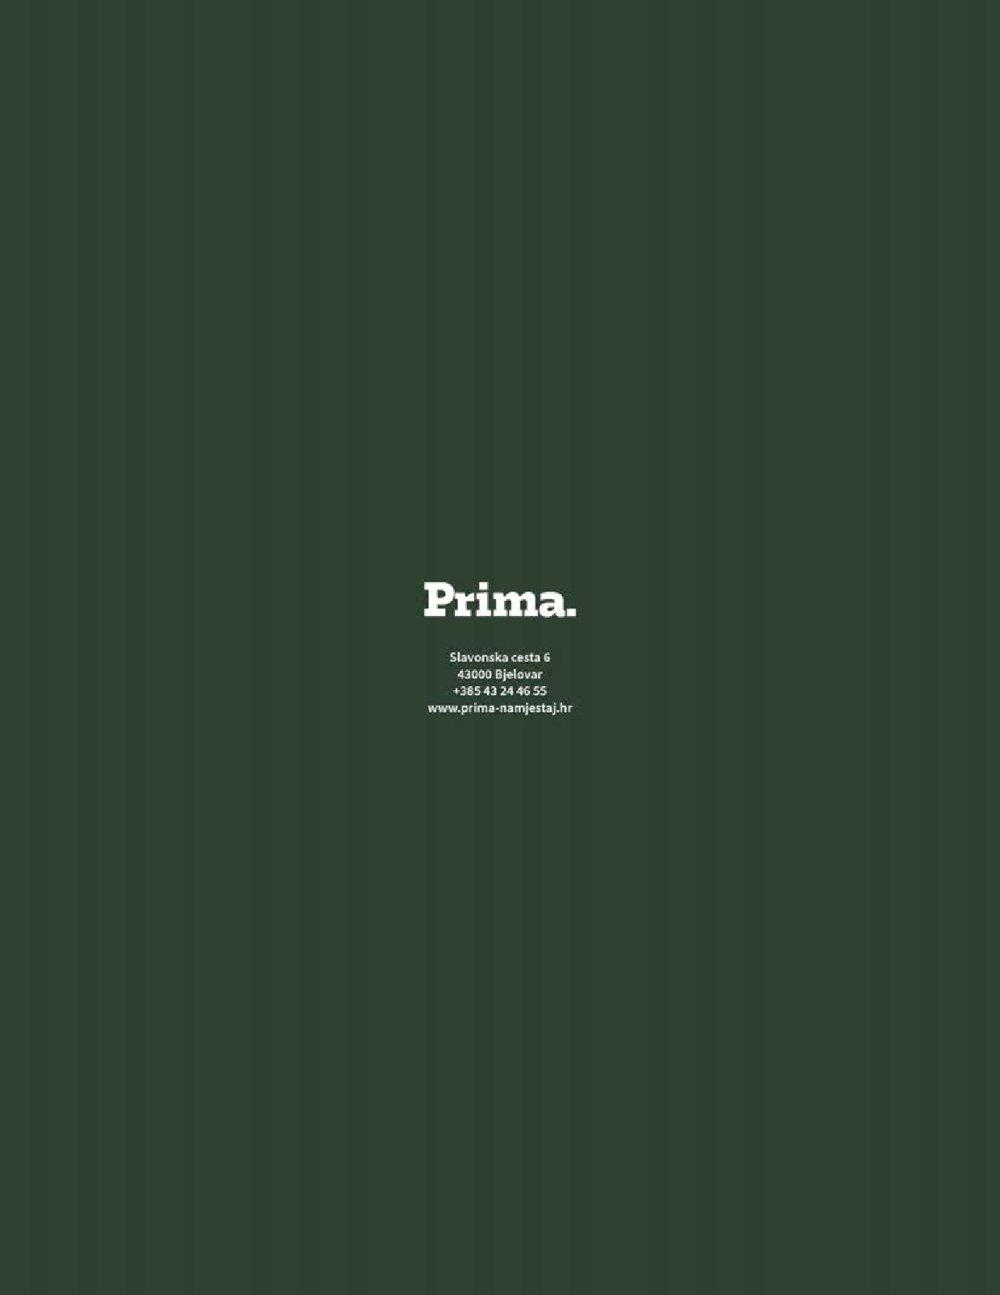 Prima katalog Interijeri 20.08.-31.12.2021.